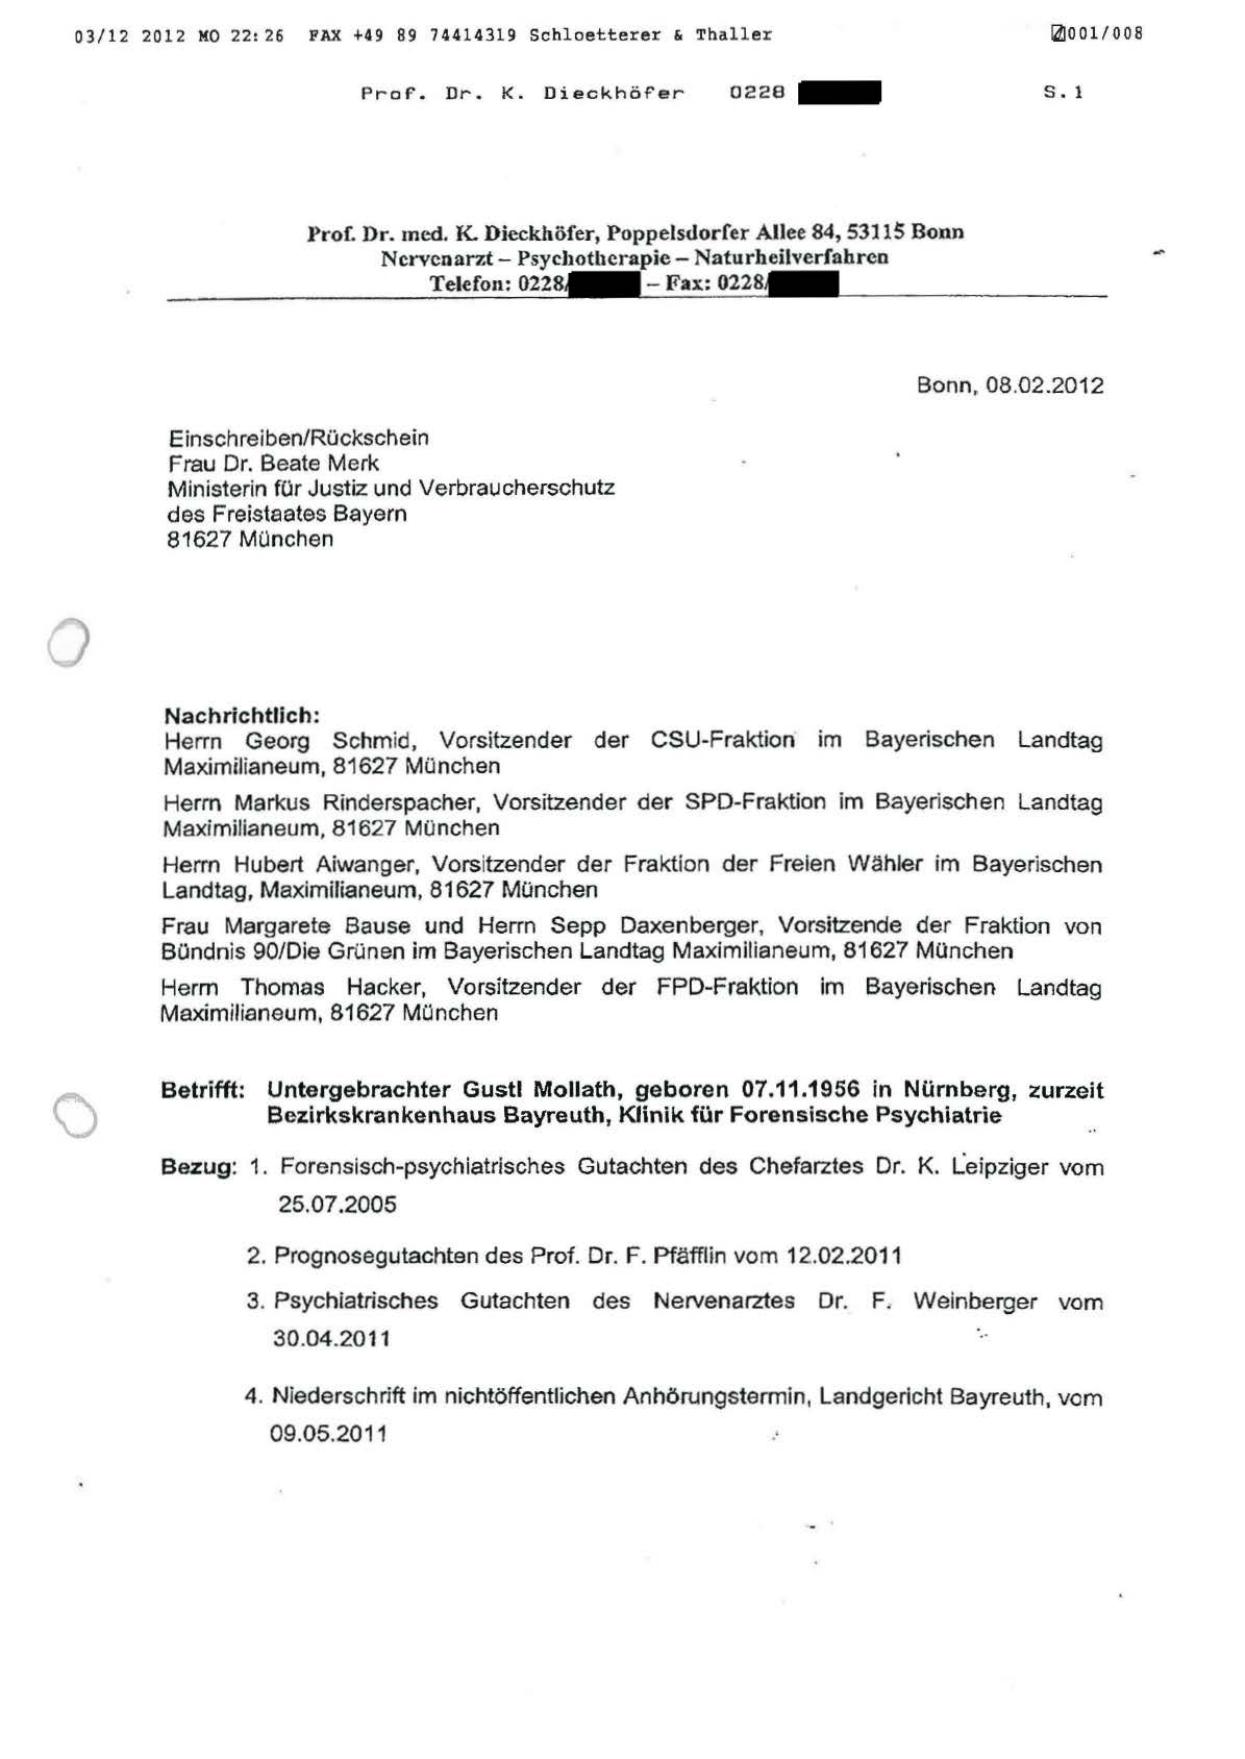 Gutachterliche Stellungnahme Des Prof Dr Klemens Dieckhofer